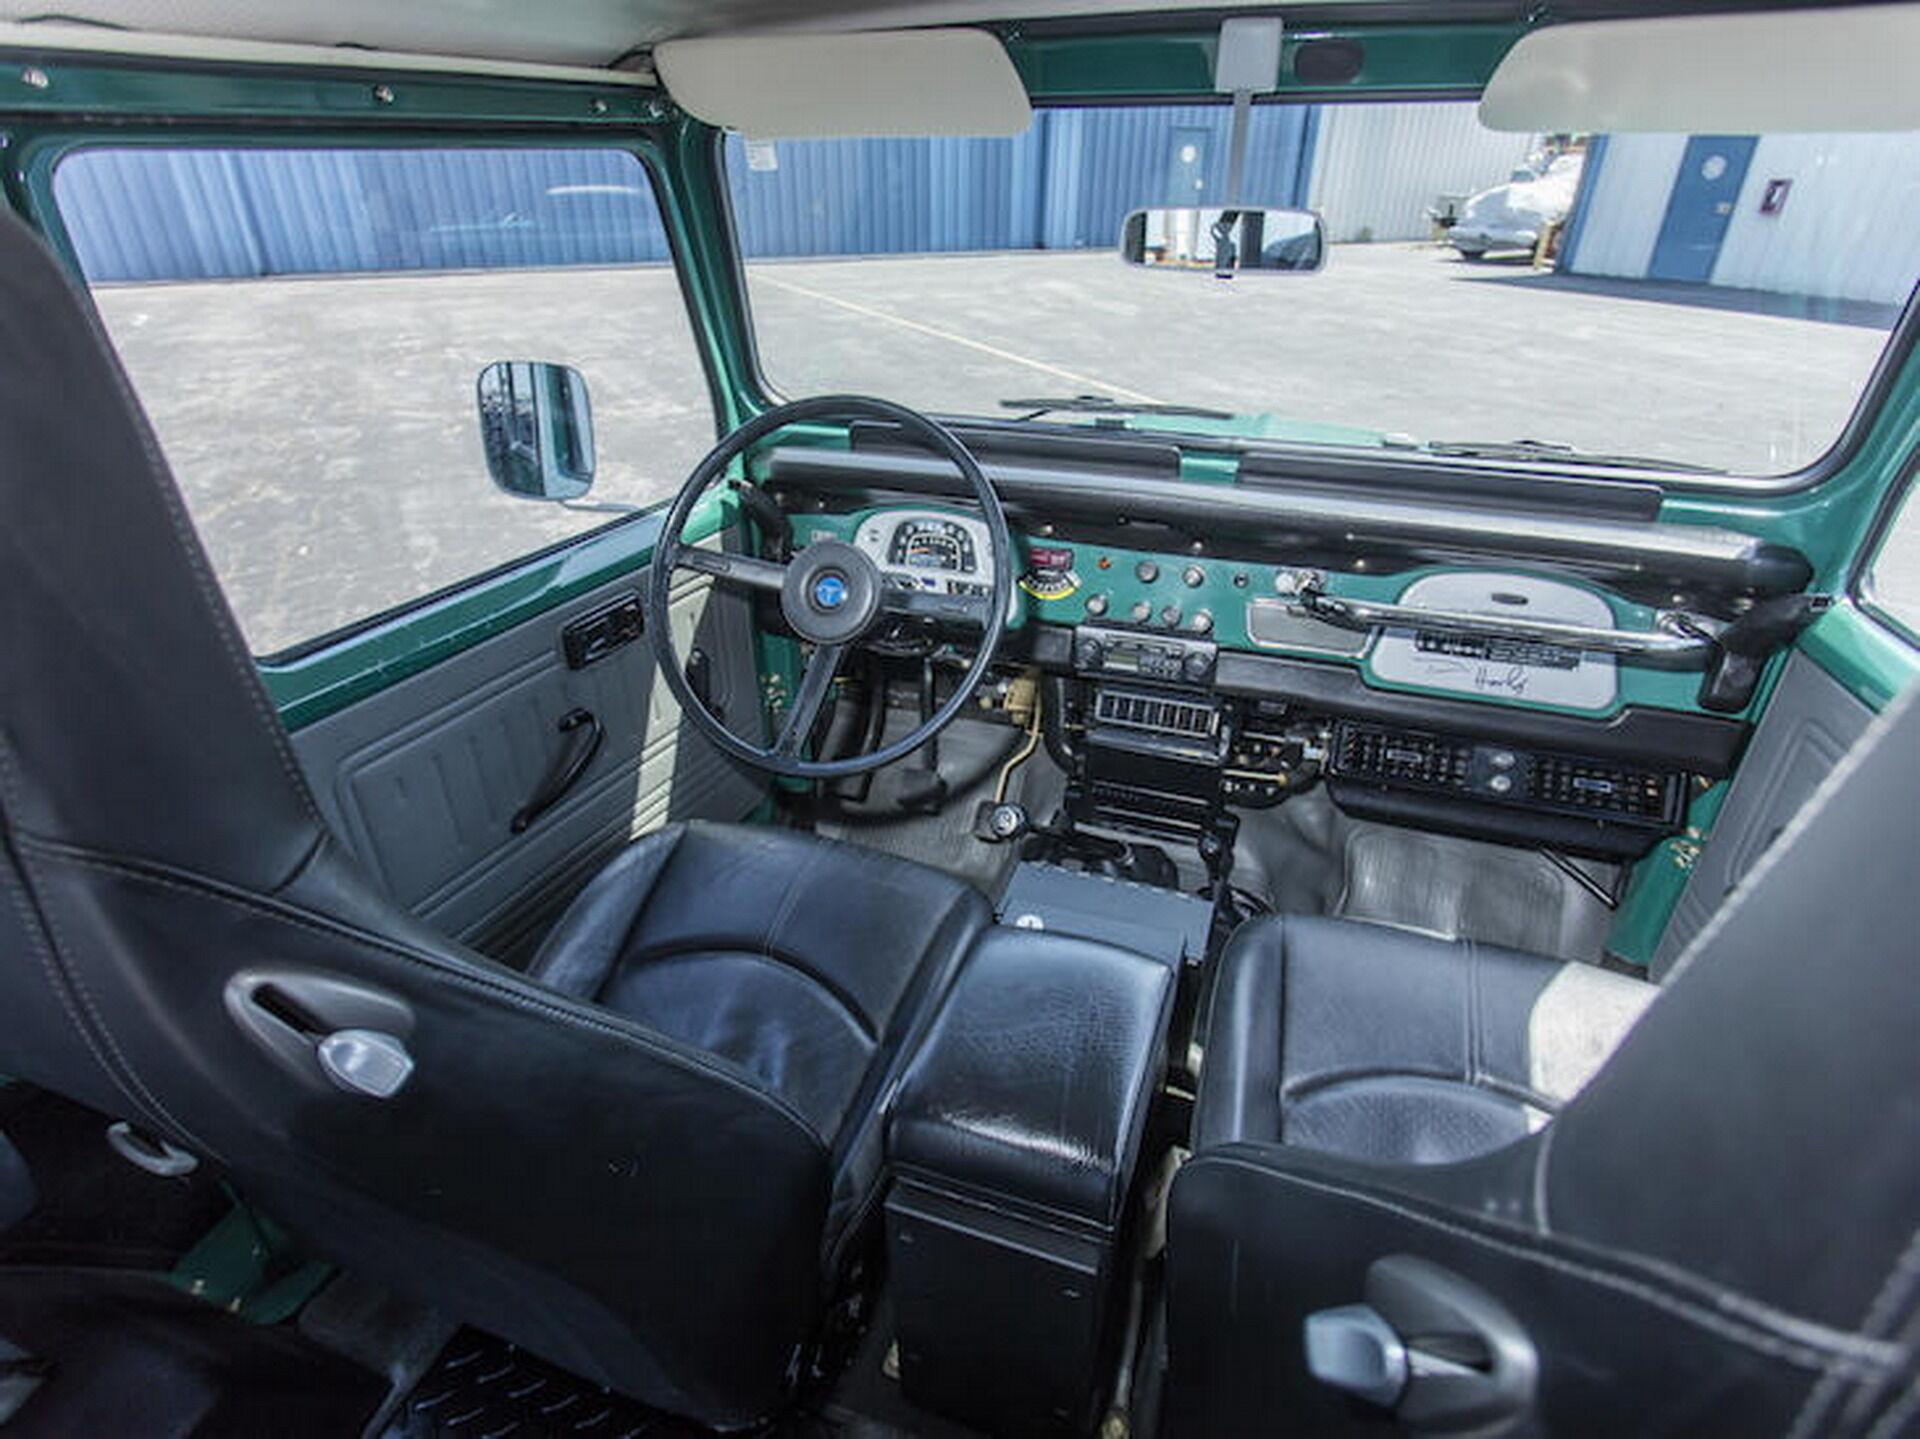 В салоне появились более удобные передние кресла Porsche, кондиционер, а также магнитола Sony